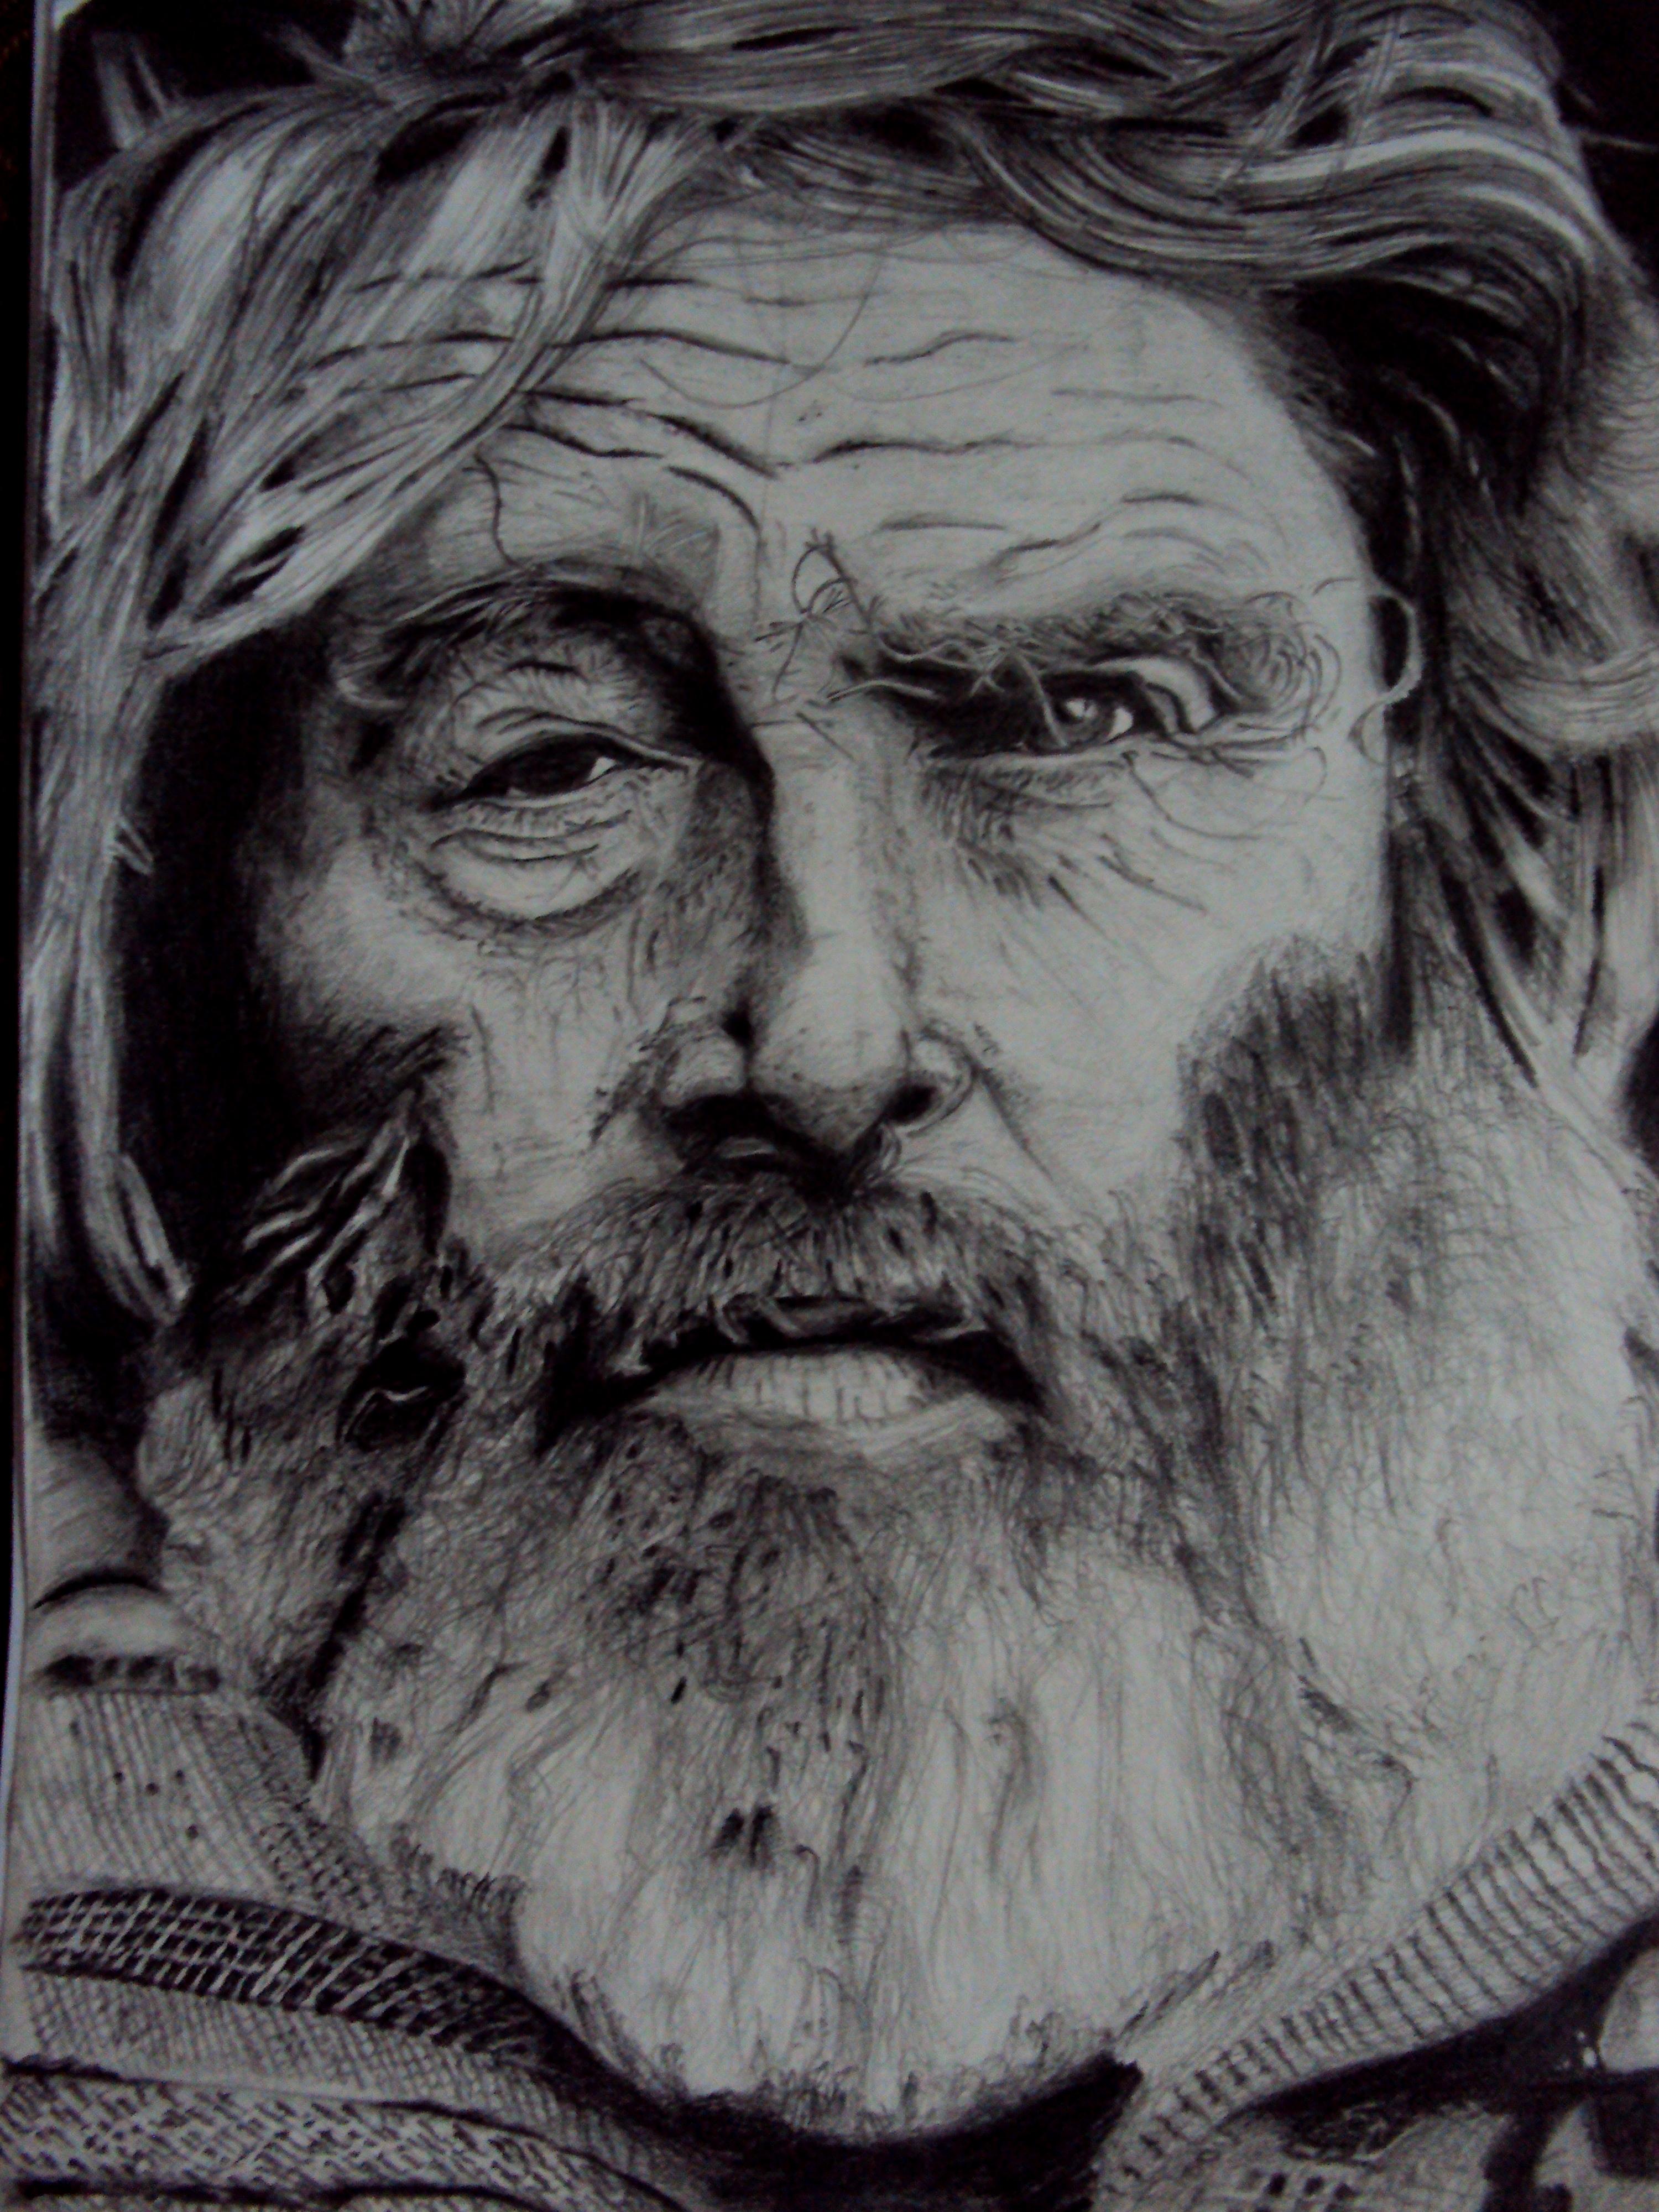 OLD MAN BEST